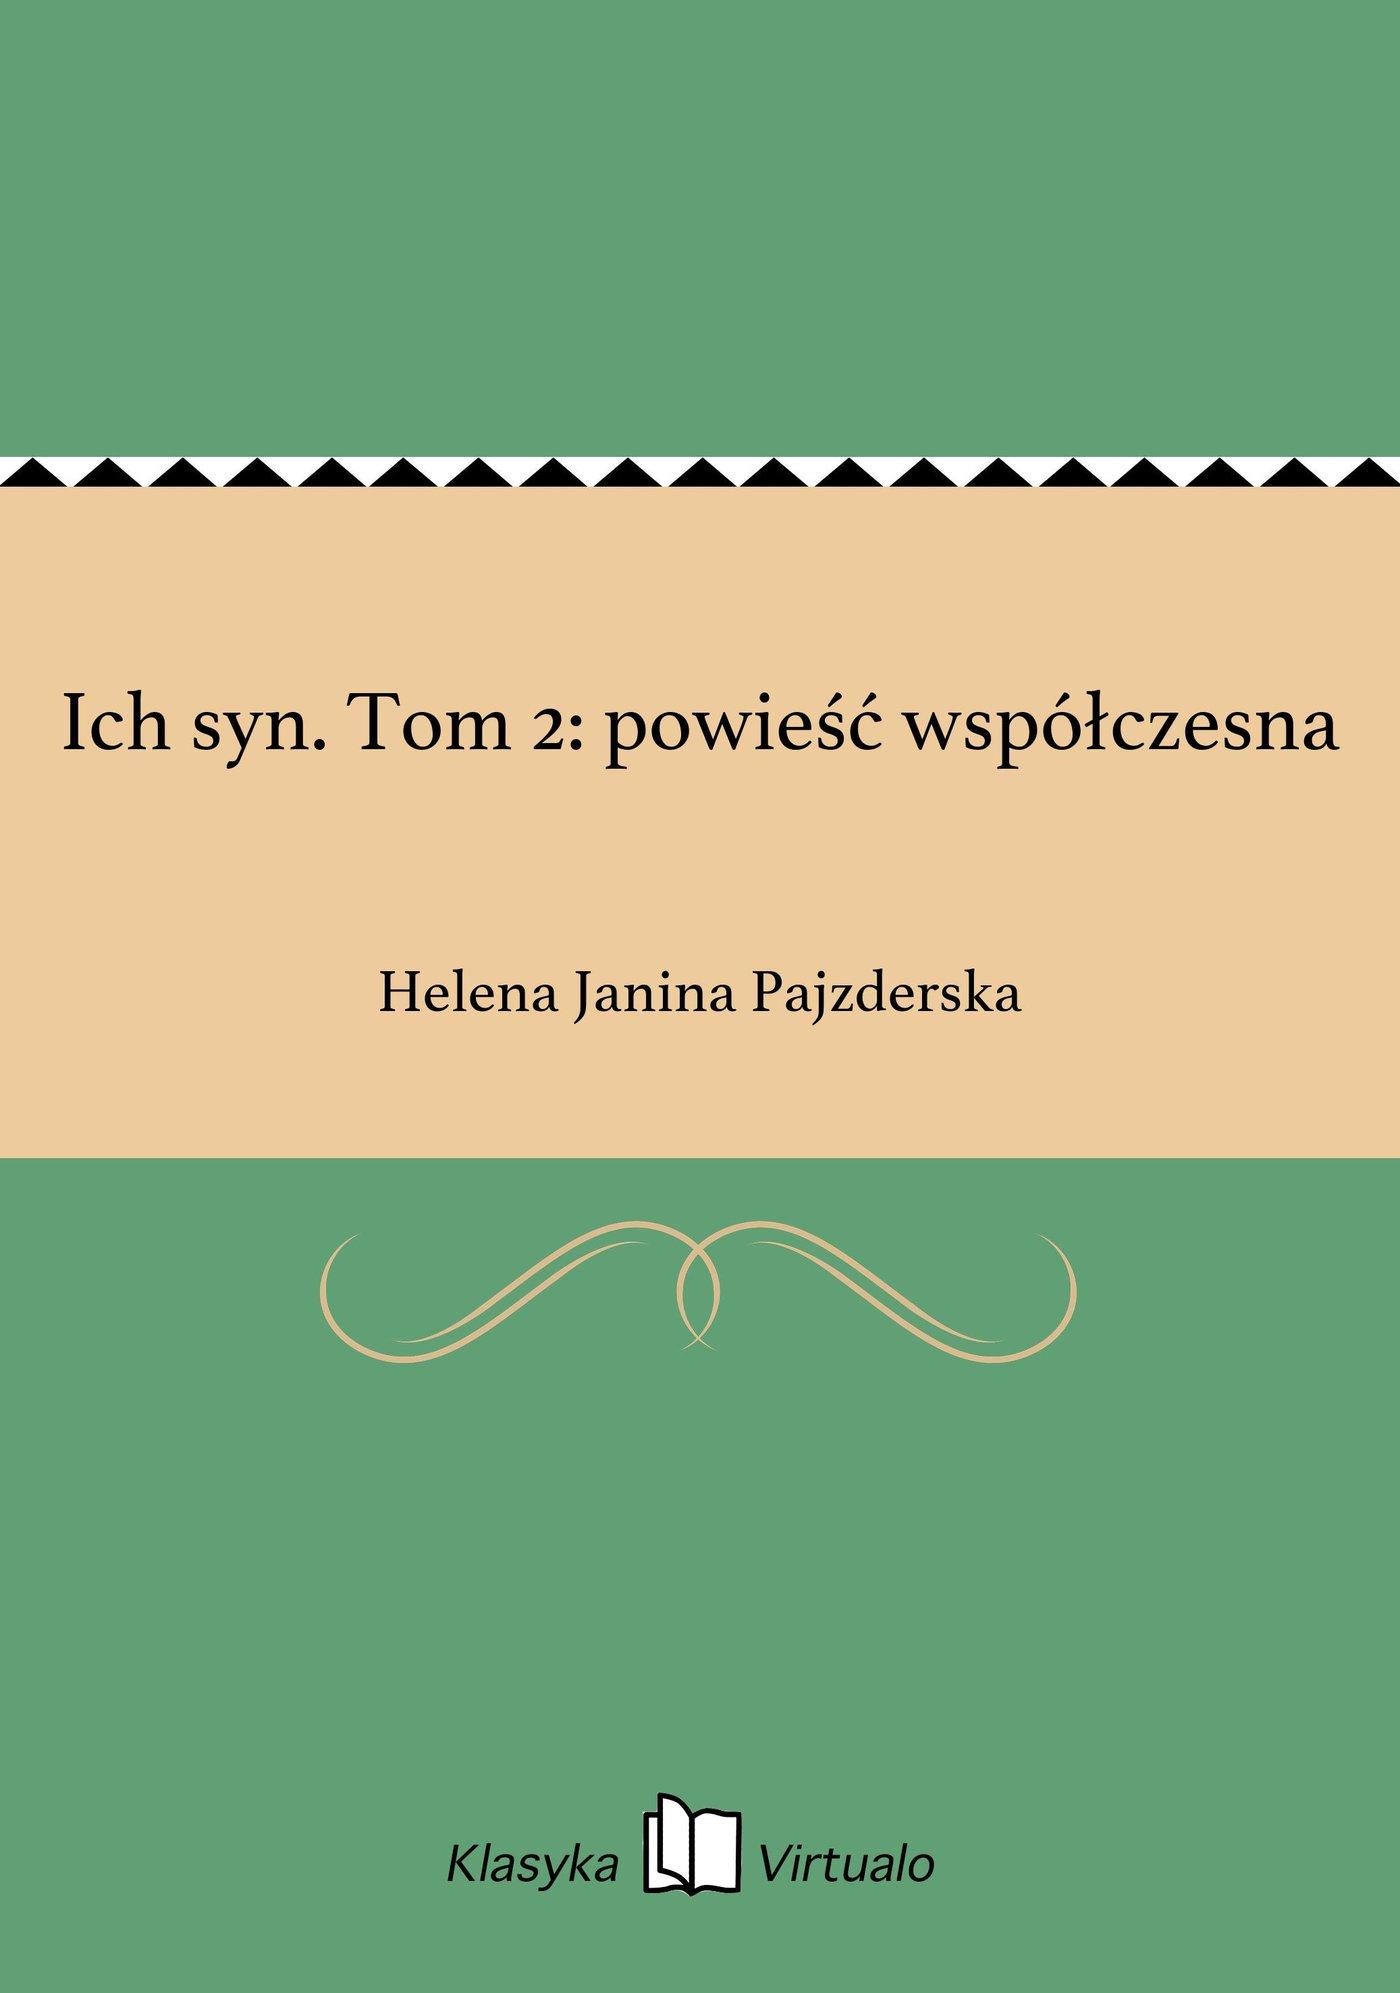 Ich syn. Tom 2: powieść współczesna - Ebook (Książka EPUB) do pobrania w formacie EPUB